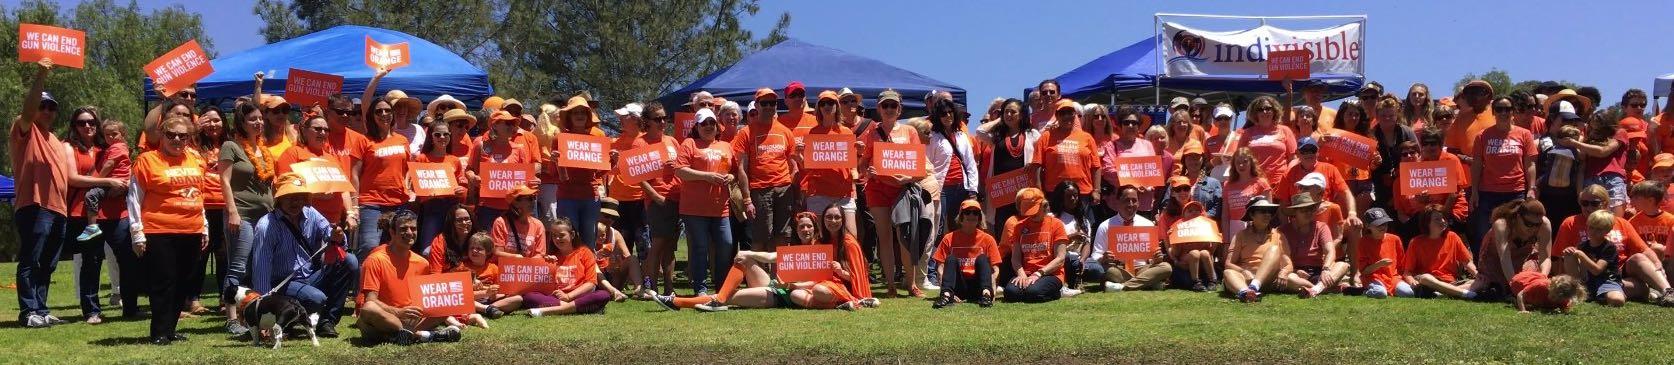 Wear Orange San Diego 2018